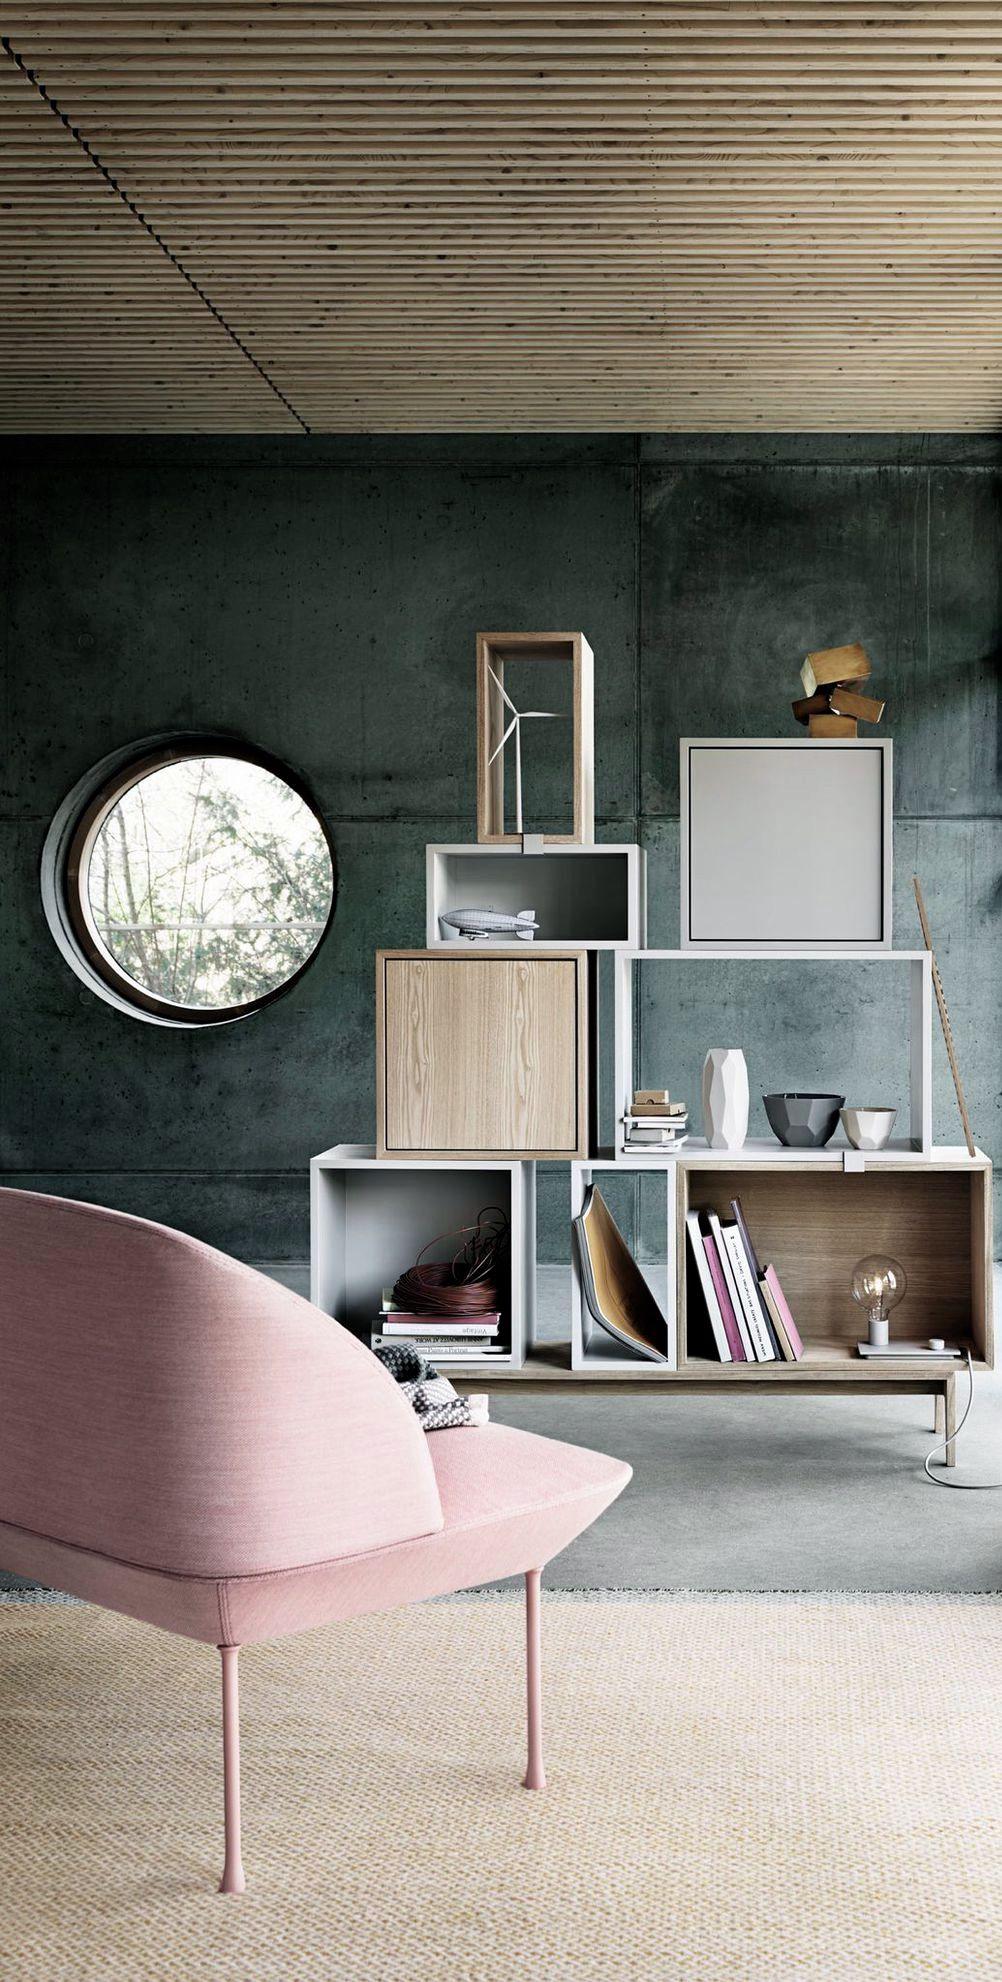 die besten 25 moderne aufbewahrungsboxen ideen auf pinterest moderne deko boxen dekor zimmer. Black Bedroom Furniture Sets. Home Design Ideas